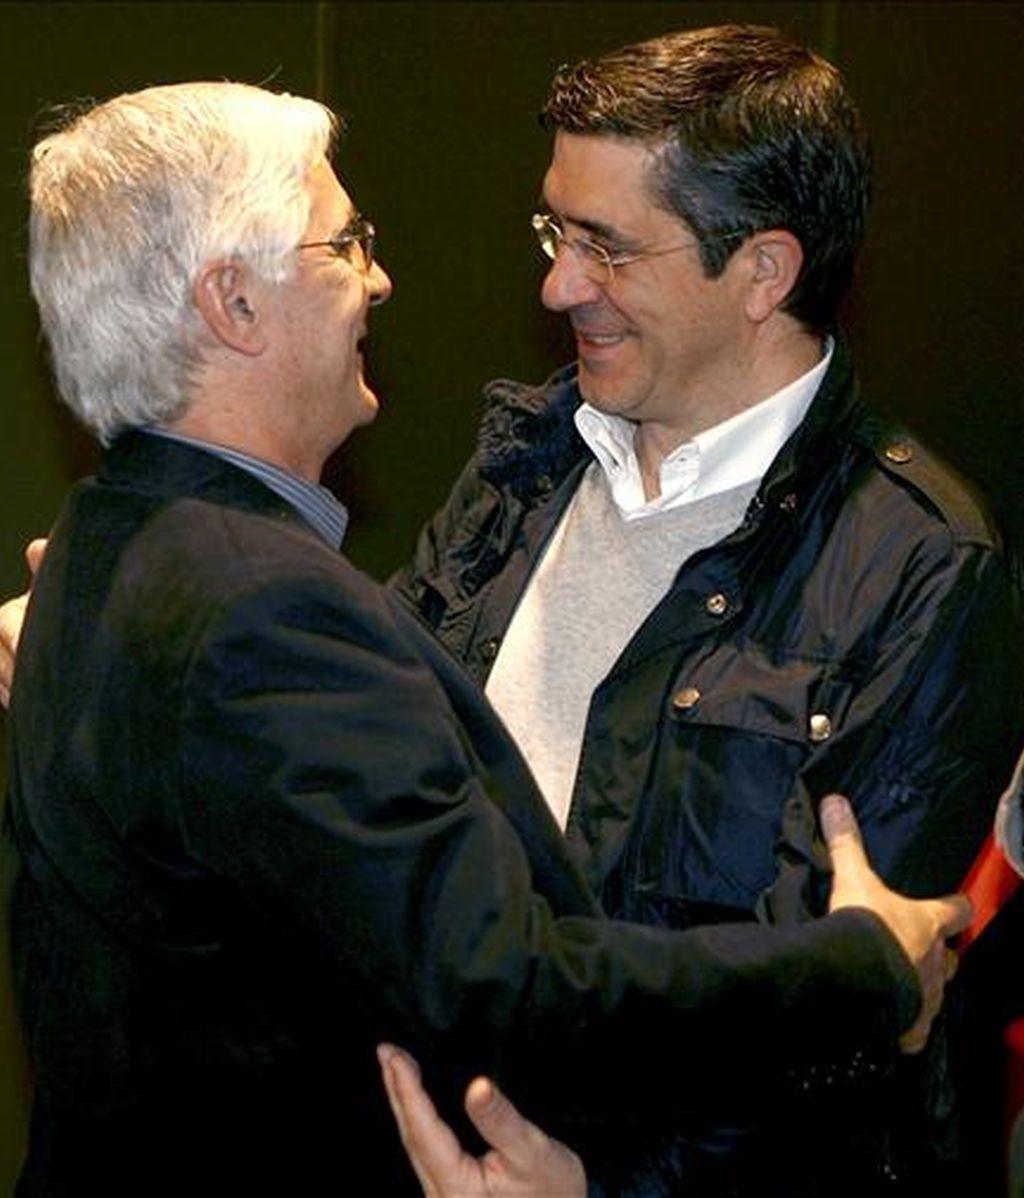 El líder de los socialistas vascos, Patxi López (d), abraza al presidente de Castilla-La Mancha, José María Barreda, durante la reunión hoy del Comité Federal del PSOE que tiene que aprobar la candidatura socialista a las elecciones europeas. EFE